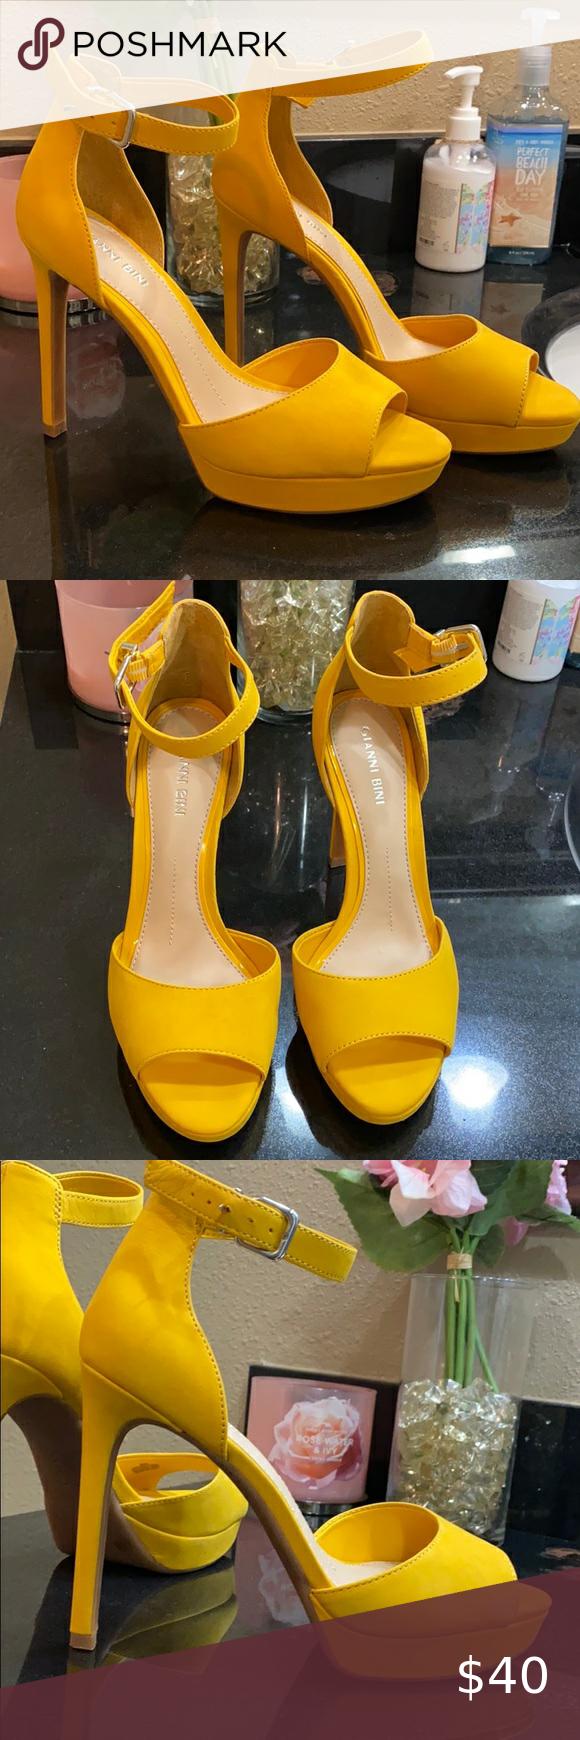 2020 | Platform heels, Heels, Gianni bini